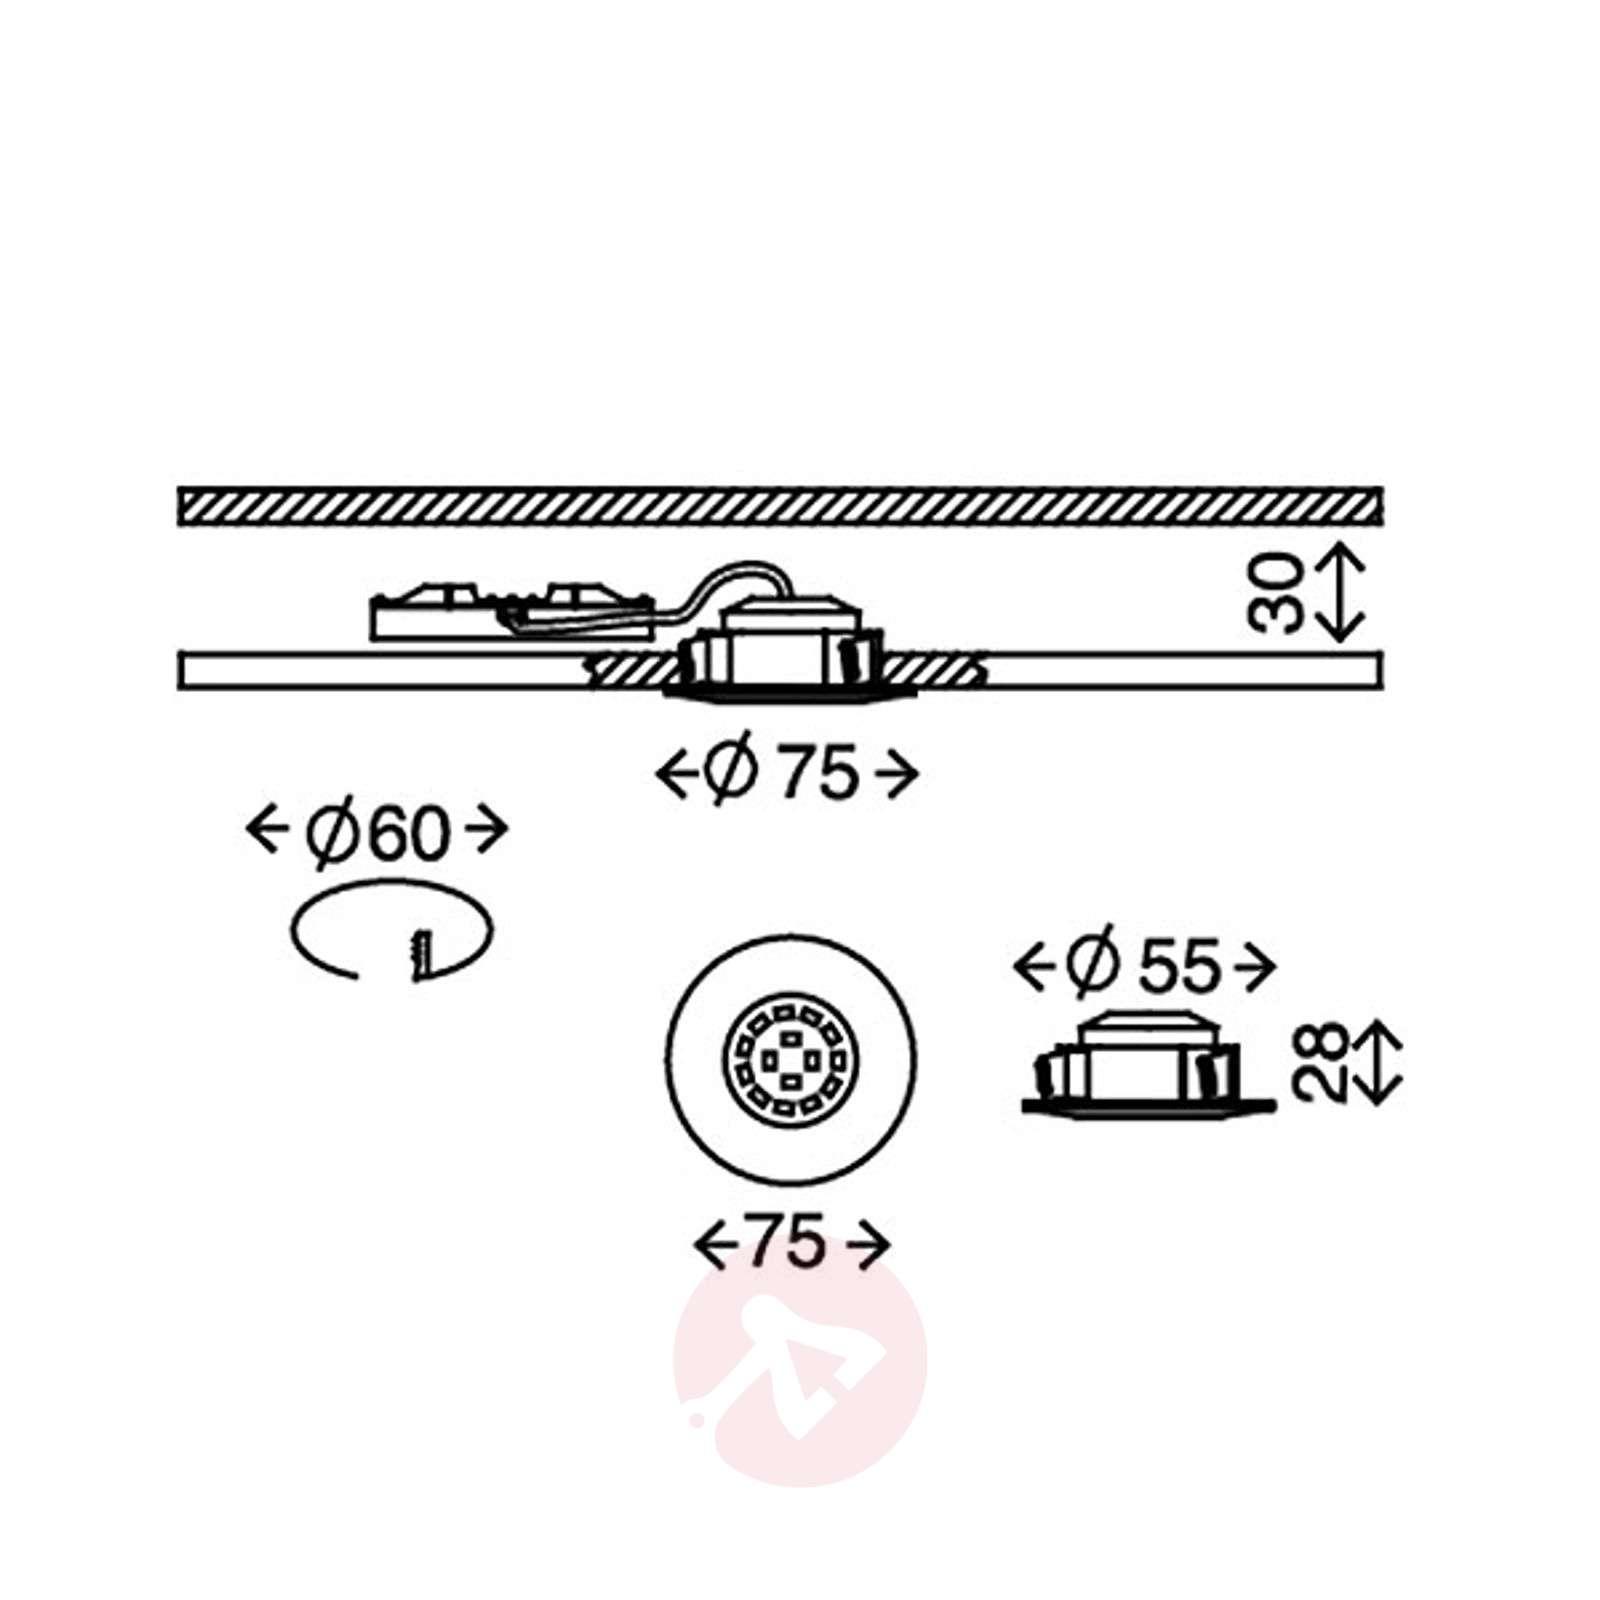 Till-LED-uppovalaisin ulkotiloihin, mattanikkeli-1510333-01